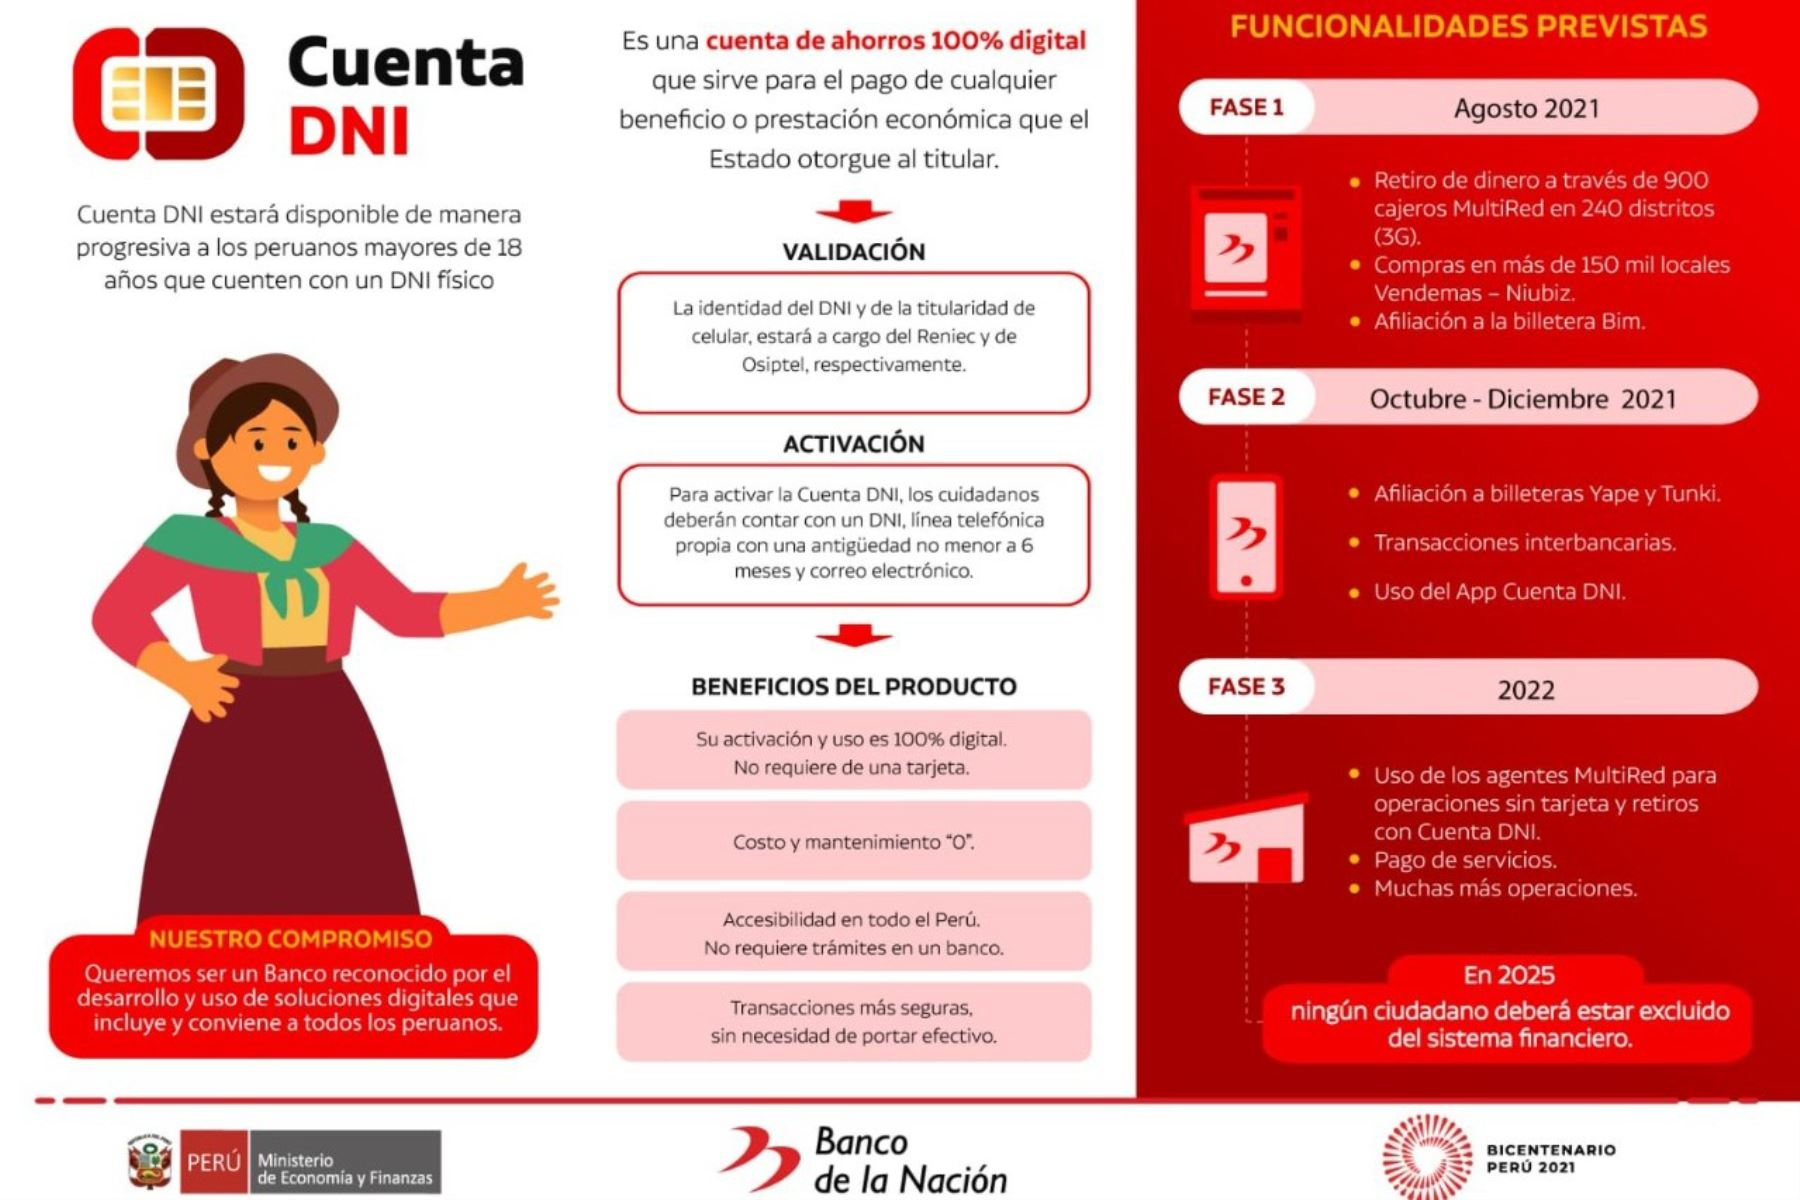 Bono Yanapay Perú: Banco de la Nación habilita portal para activar Cuenta DNI